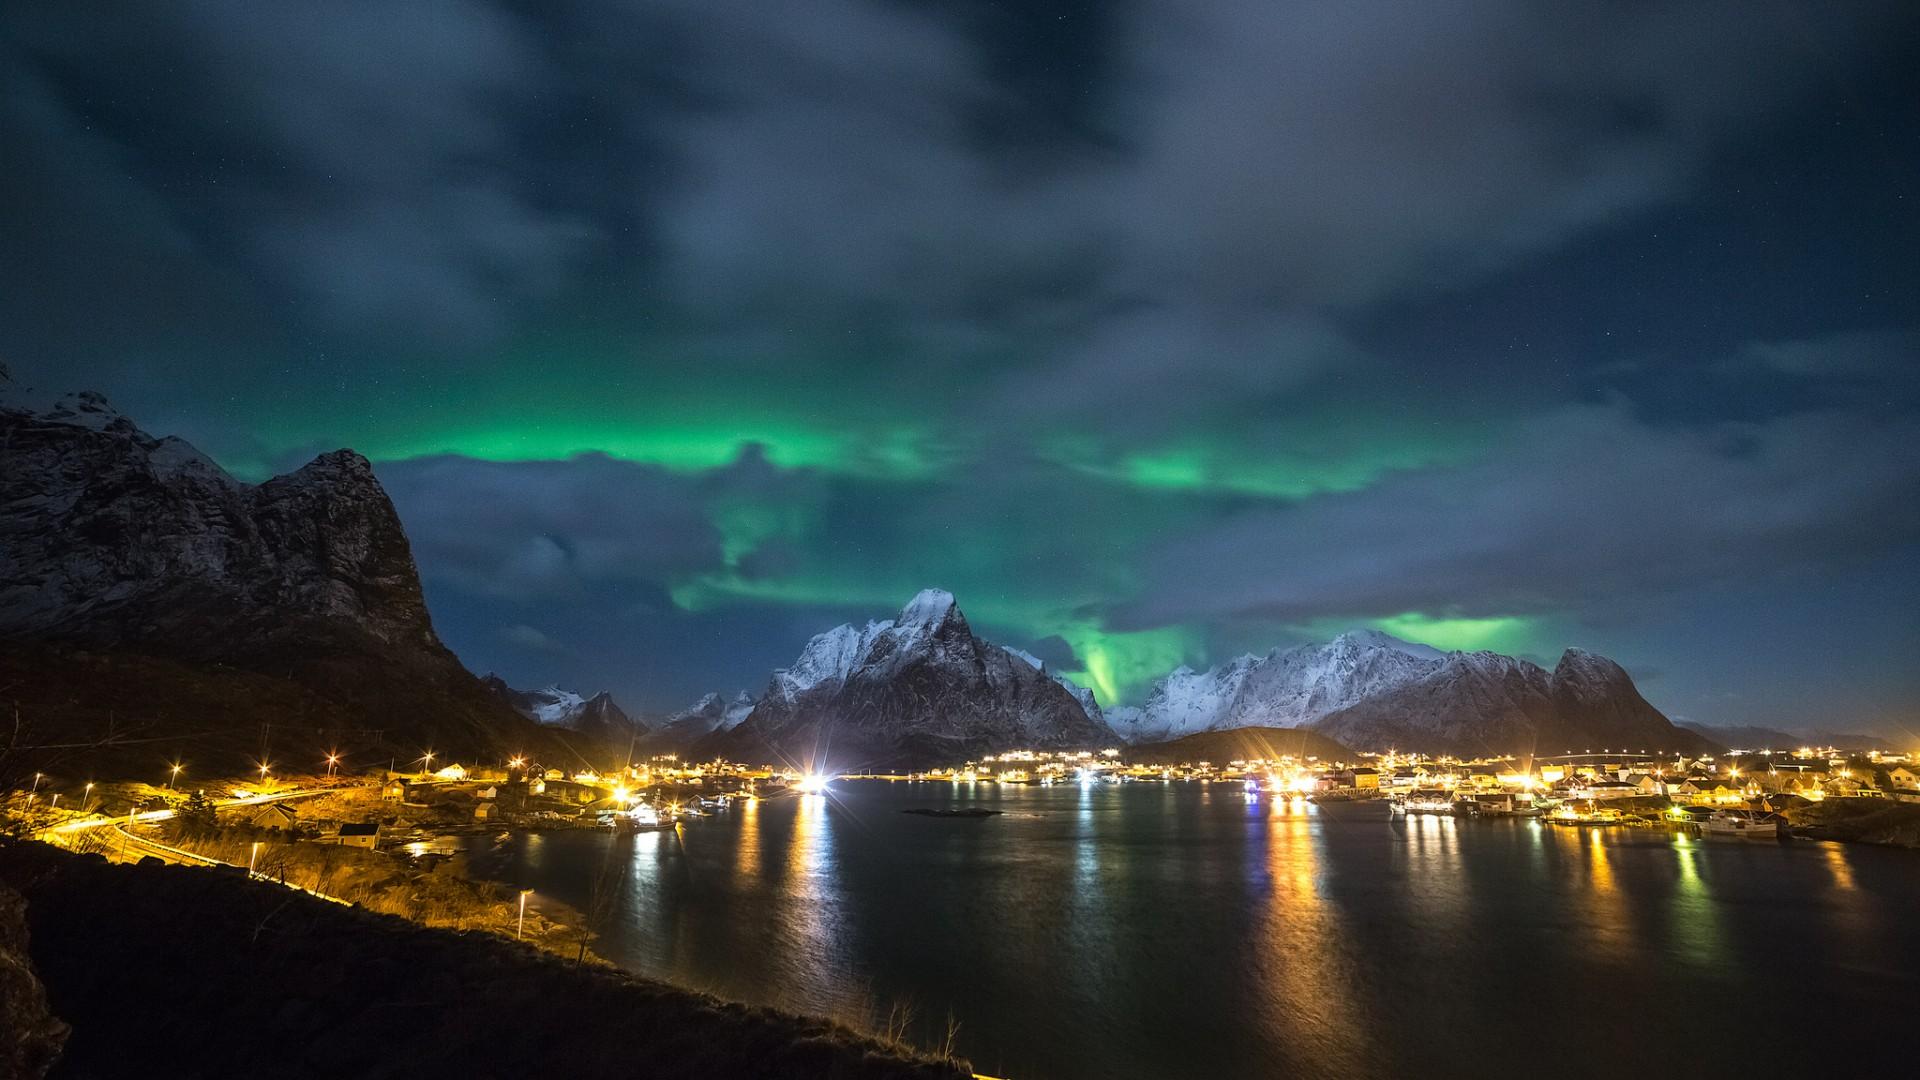 Aurora boreale full hd sfondo and sfondi 1920x1080 id for Aurora boreale sfondo